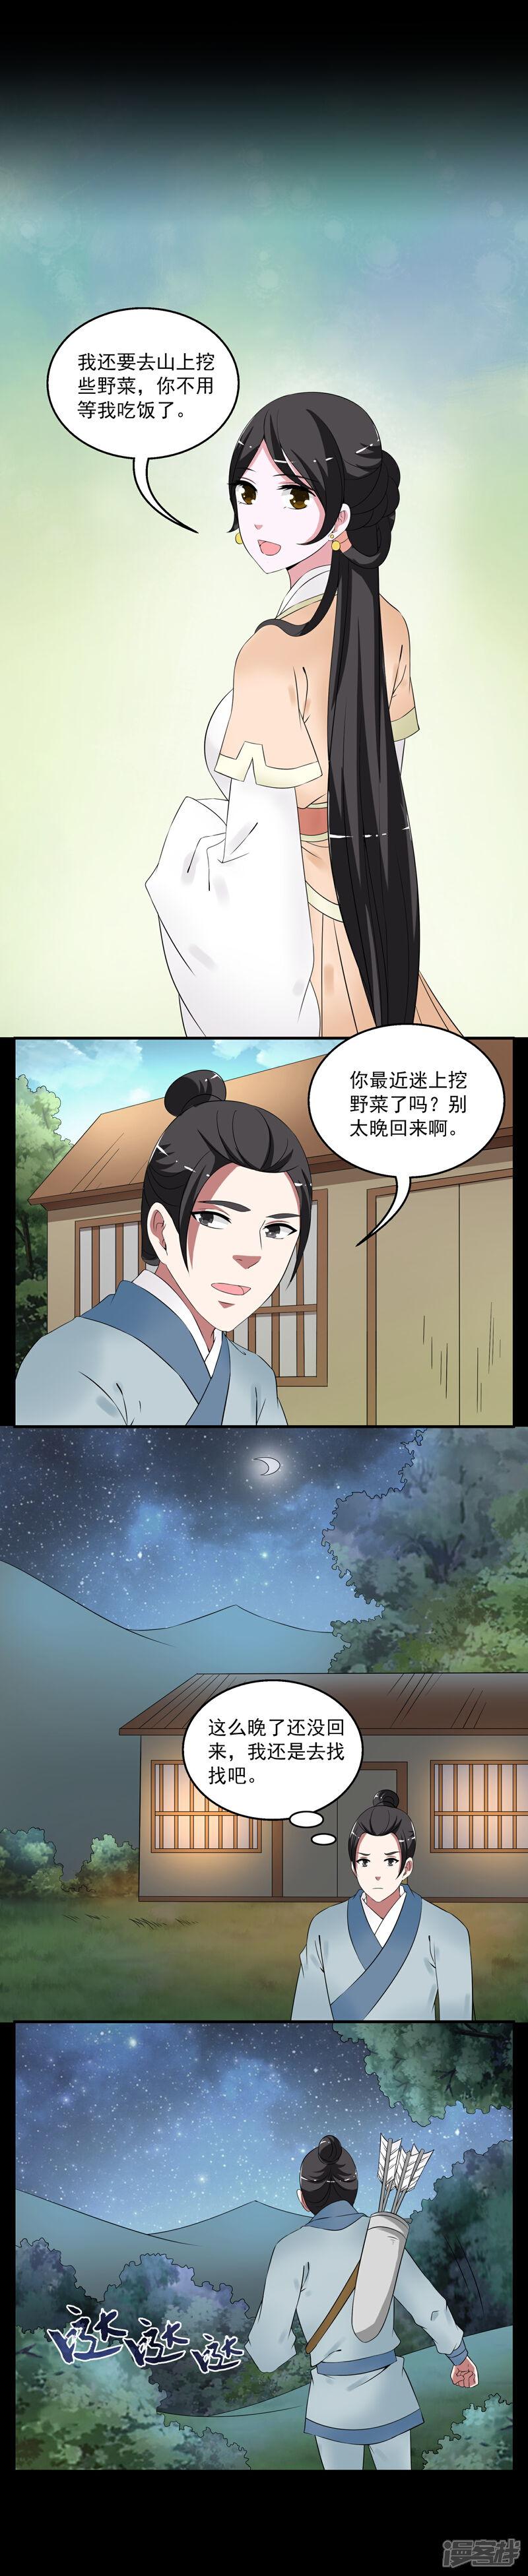 洛小妖179 (3).JPG